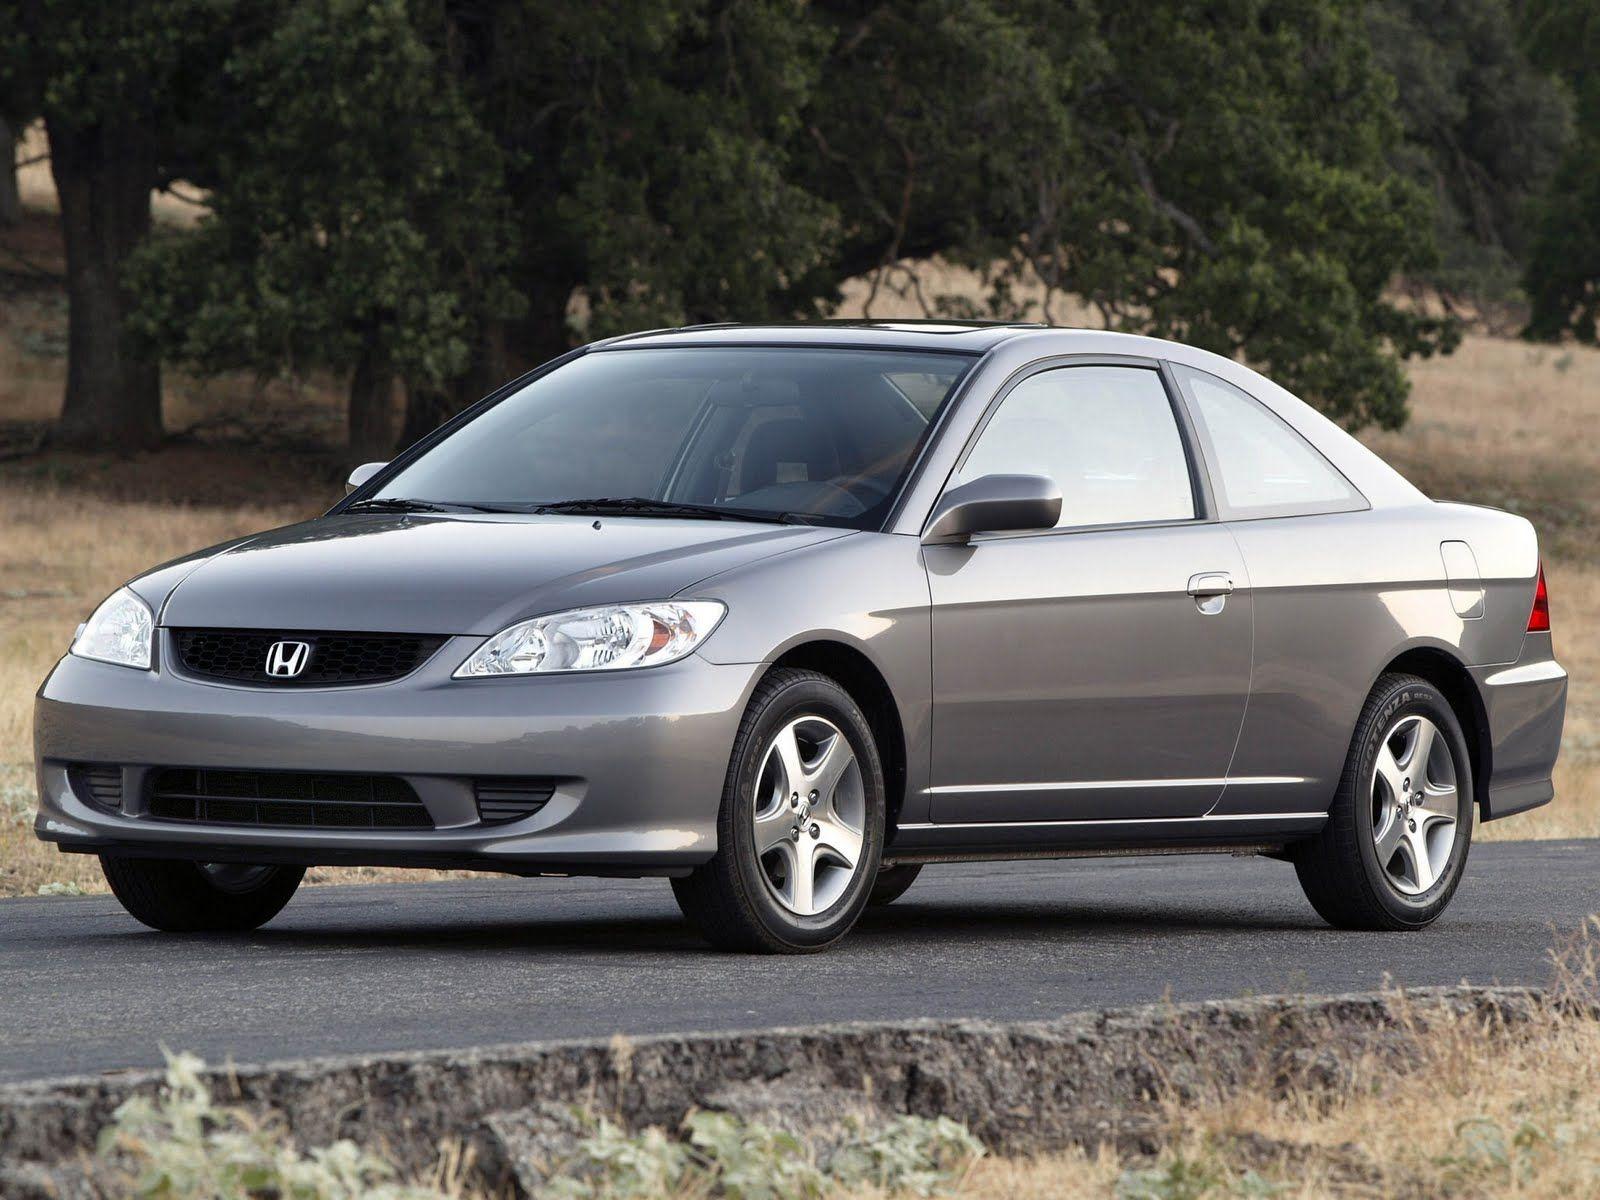 Honda civic 2005 best cars for you honda civic cheap